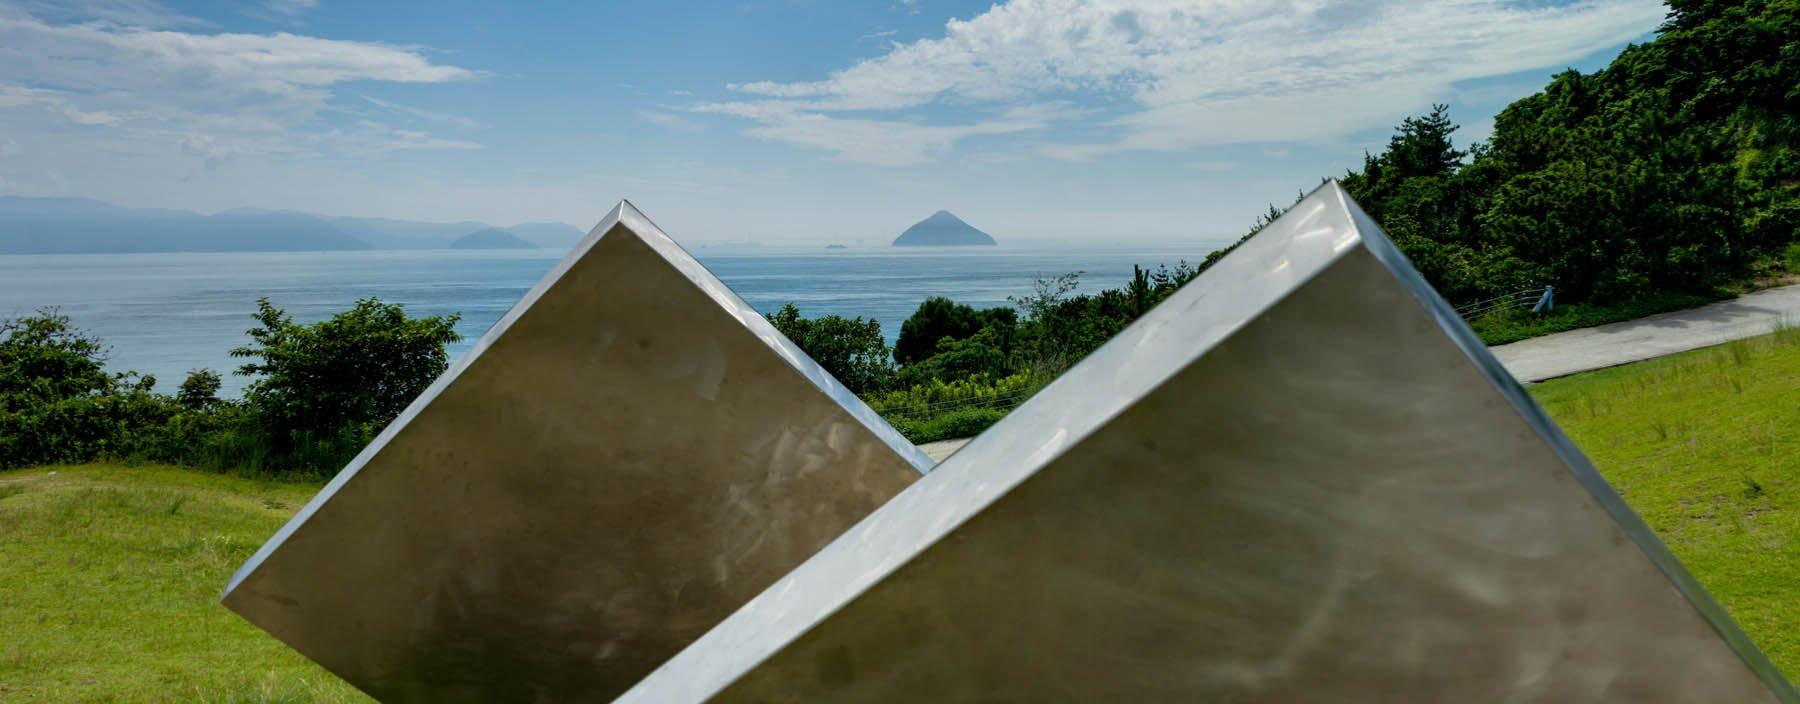 jp, okayama, naoshima 'museum eiland' (1).jpg